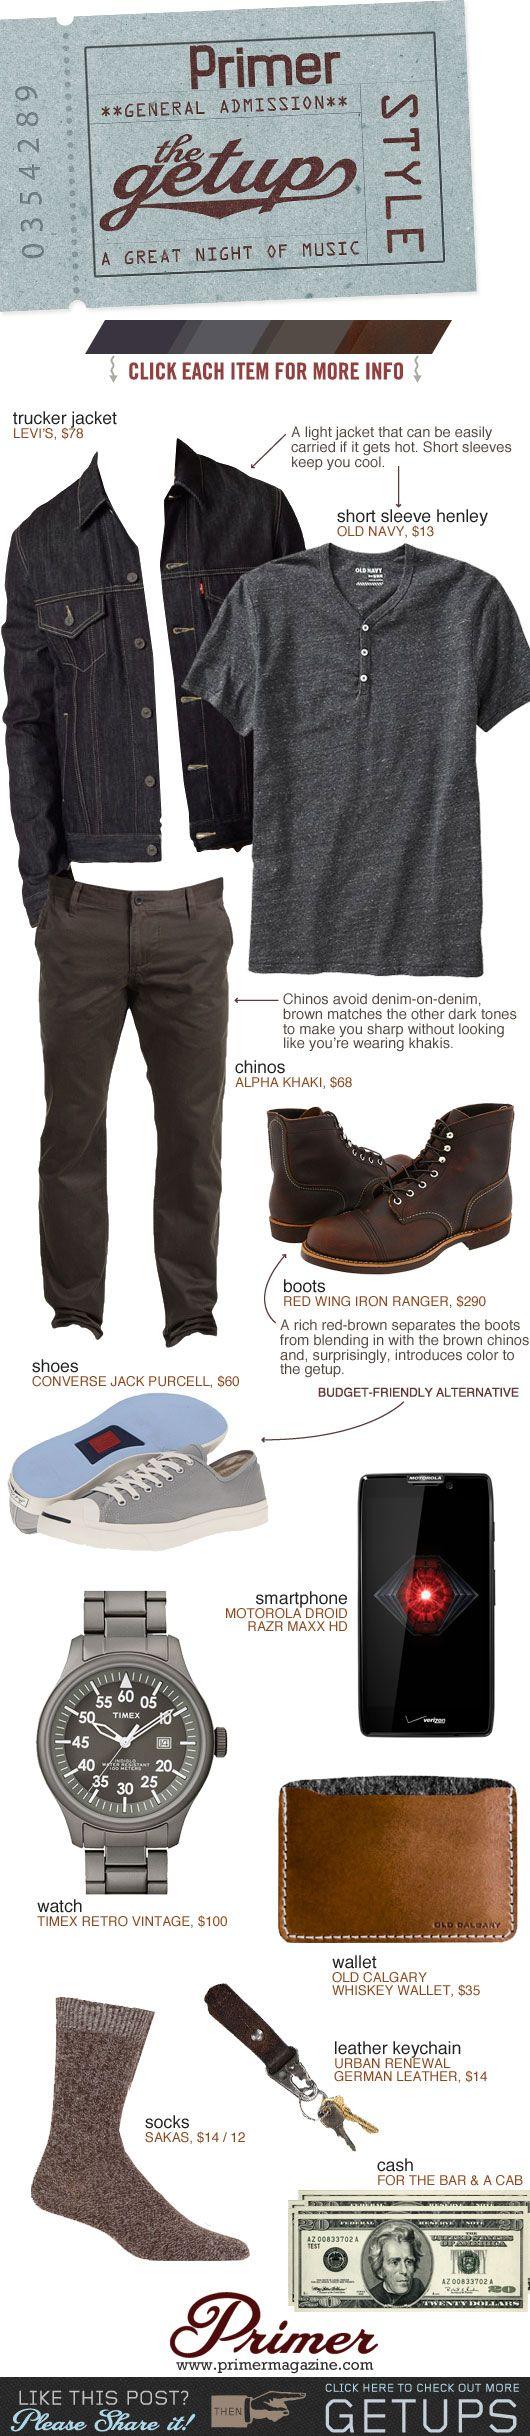 com o tênis (e não a bota) e com a calça dobradinha (ou não). jaqueta jeans e camisetinha.